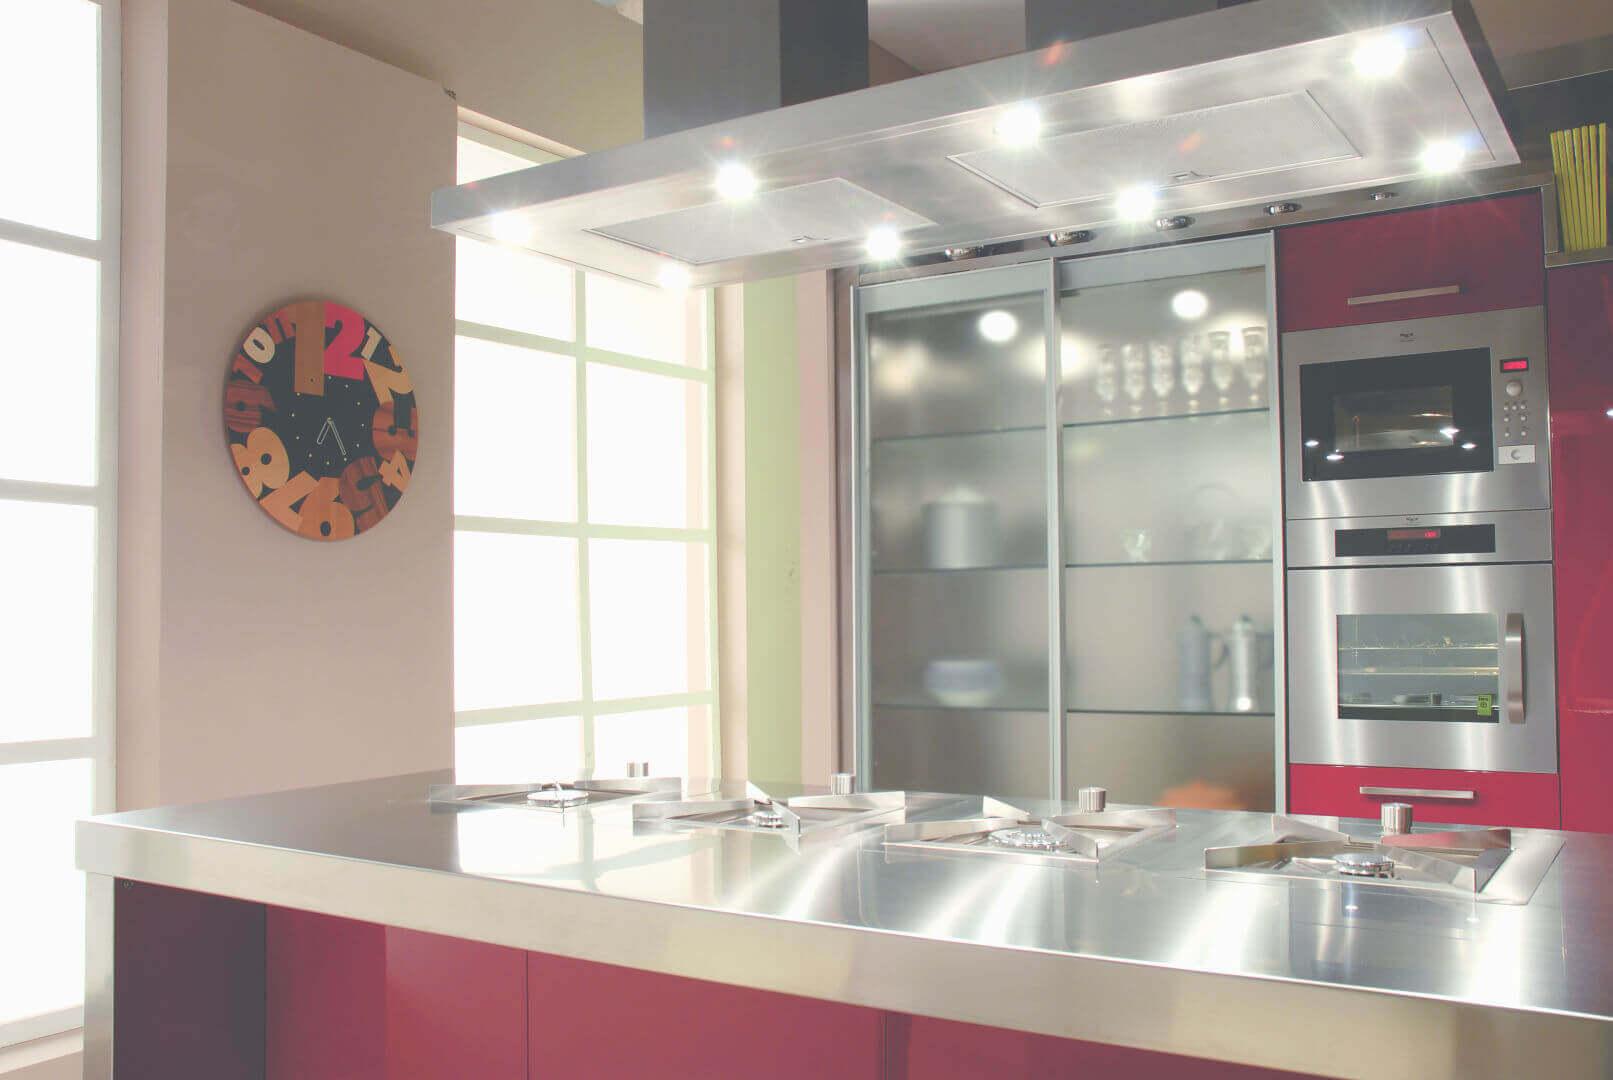 Opera arca cucine italia cucine in acciaio inox - Ante in vetro cucina ...